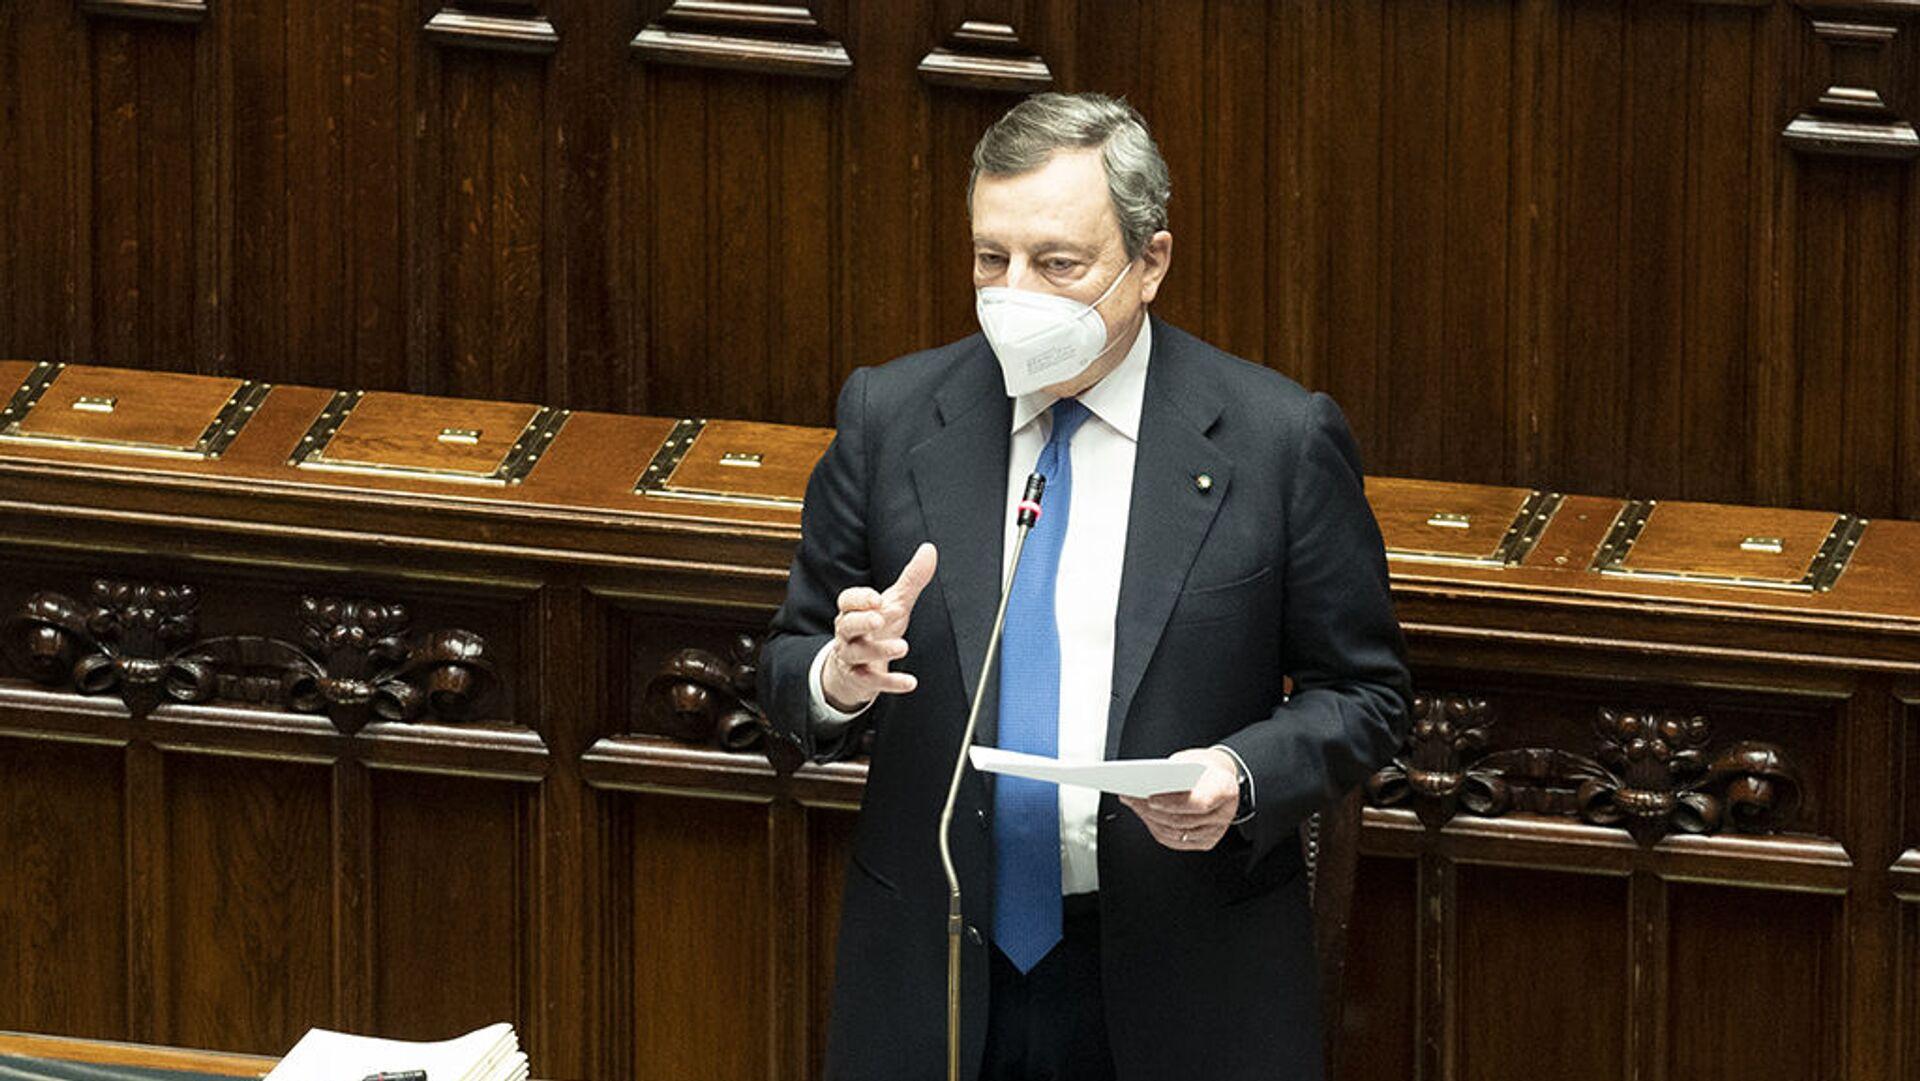 Mario Draghi interviene in parlamento - Sputnik Italia, 1920, 28.07.2021